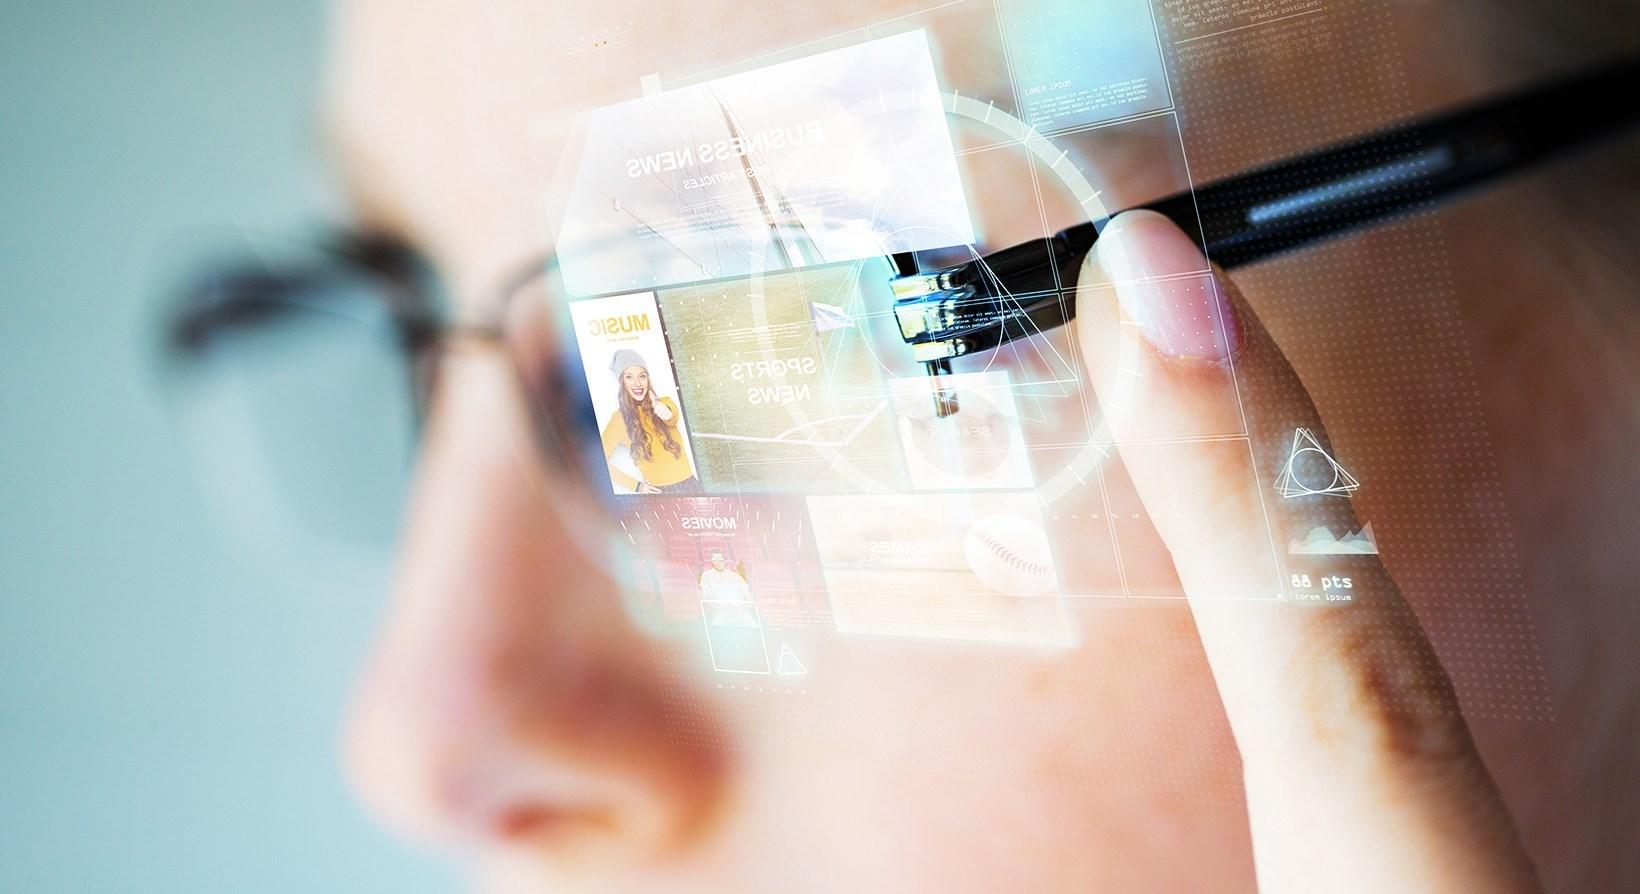 تعرفوا إلى تقنية XR.. المستقبل حين تختفي الأجهزة